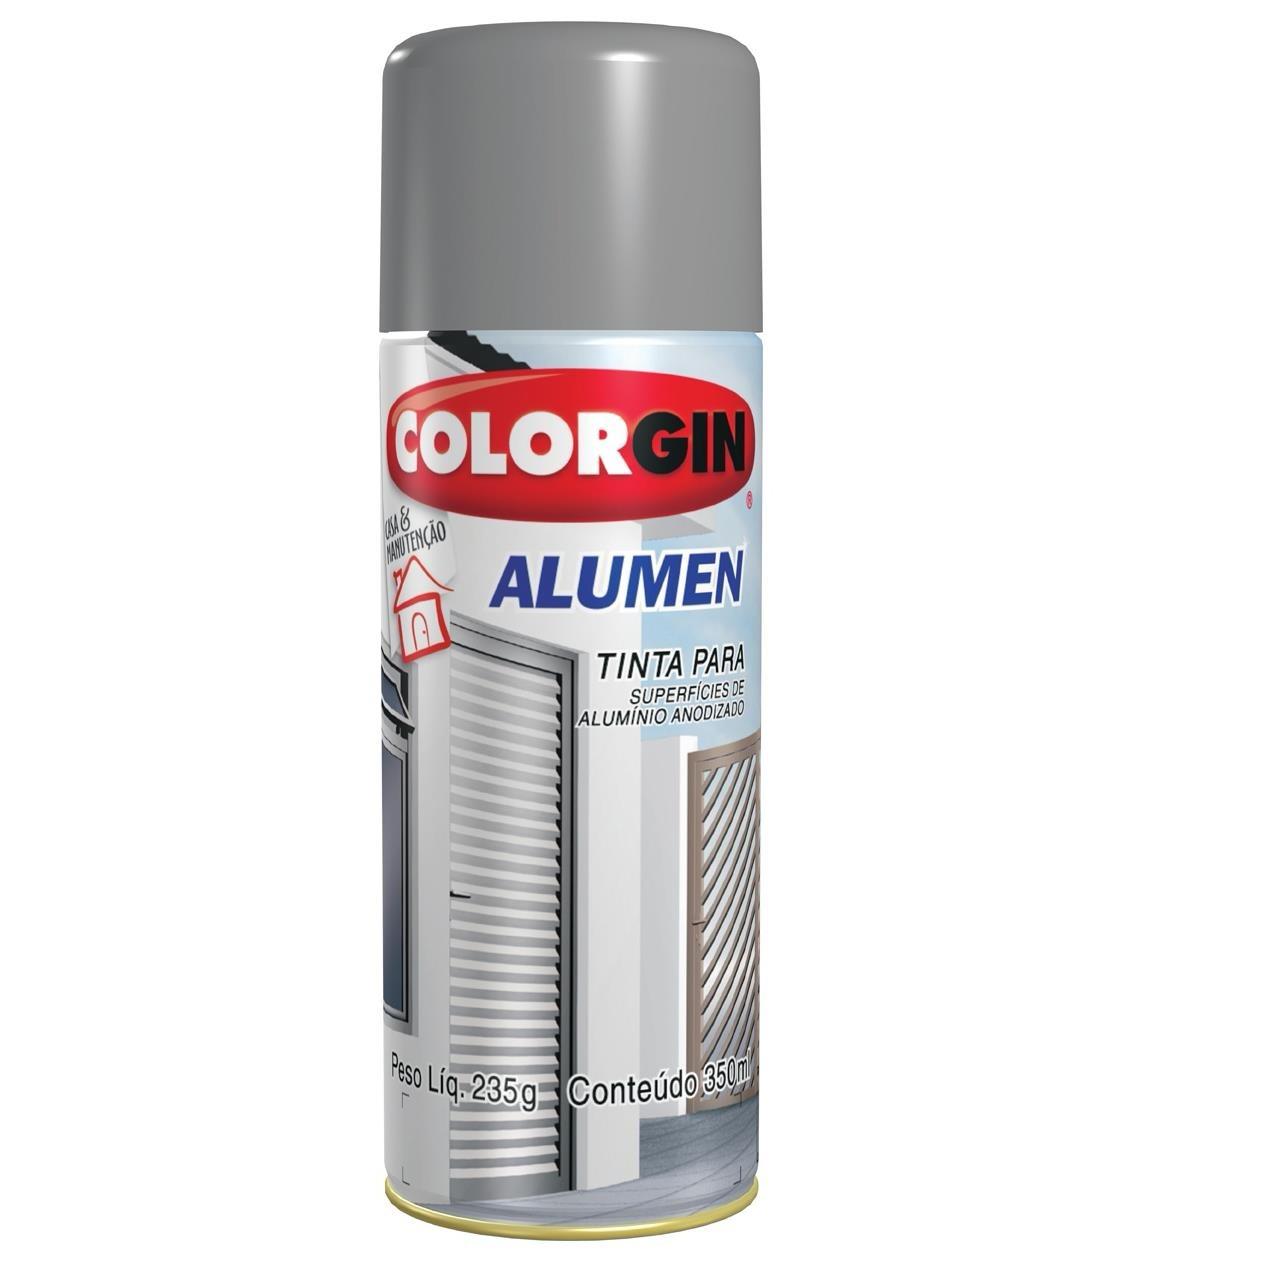 Tinta Spray Metalico Alumen Interno e Externo - Aluminio - 350ml - Colorgin